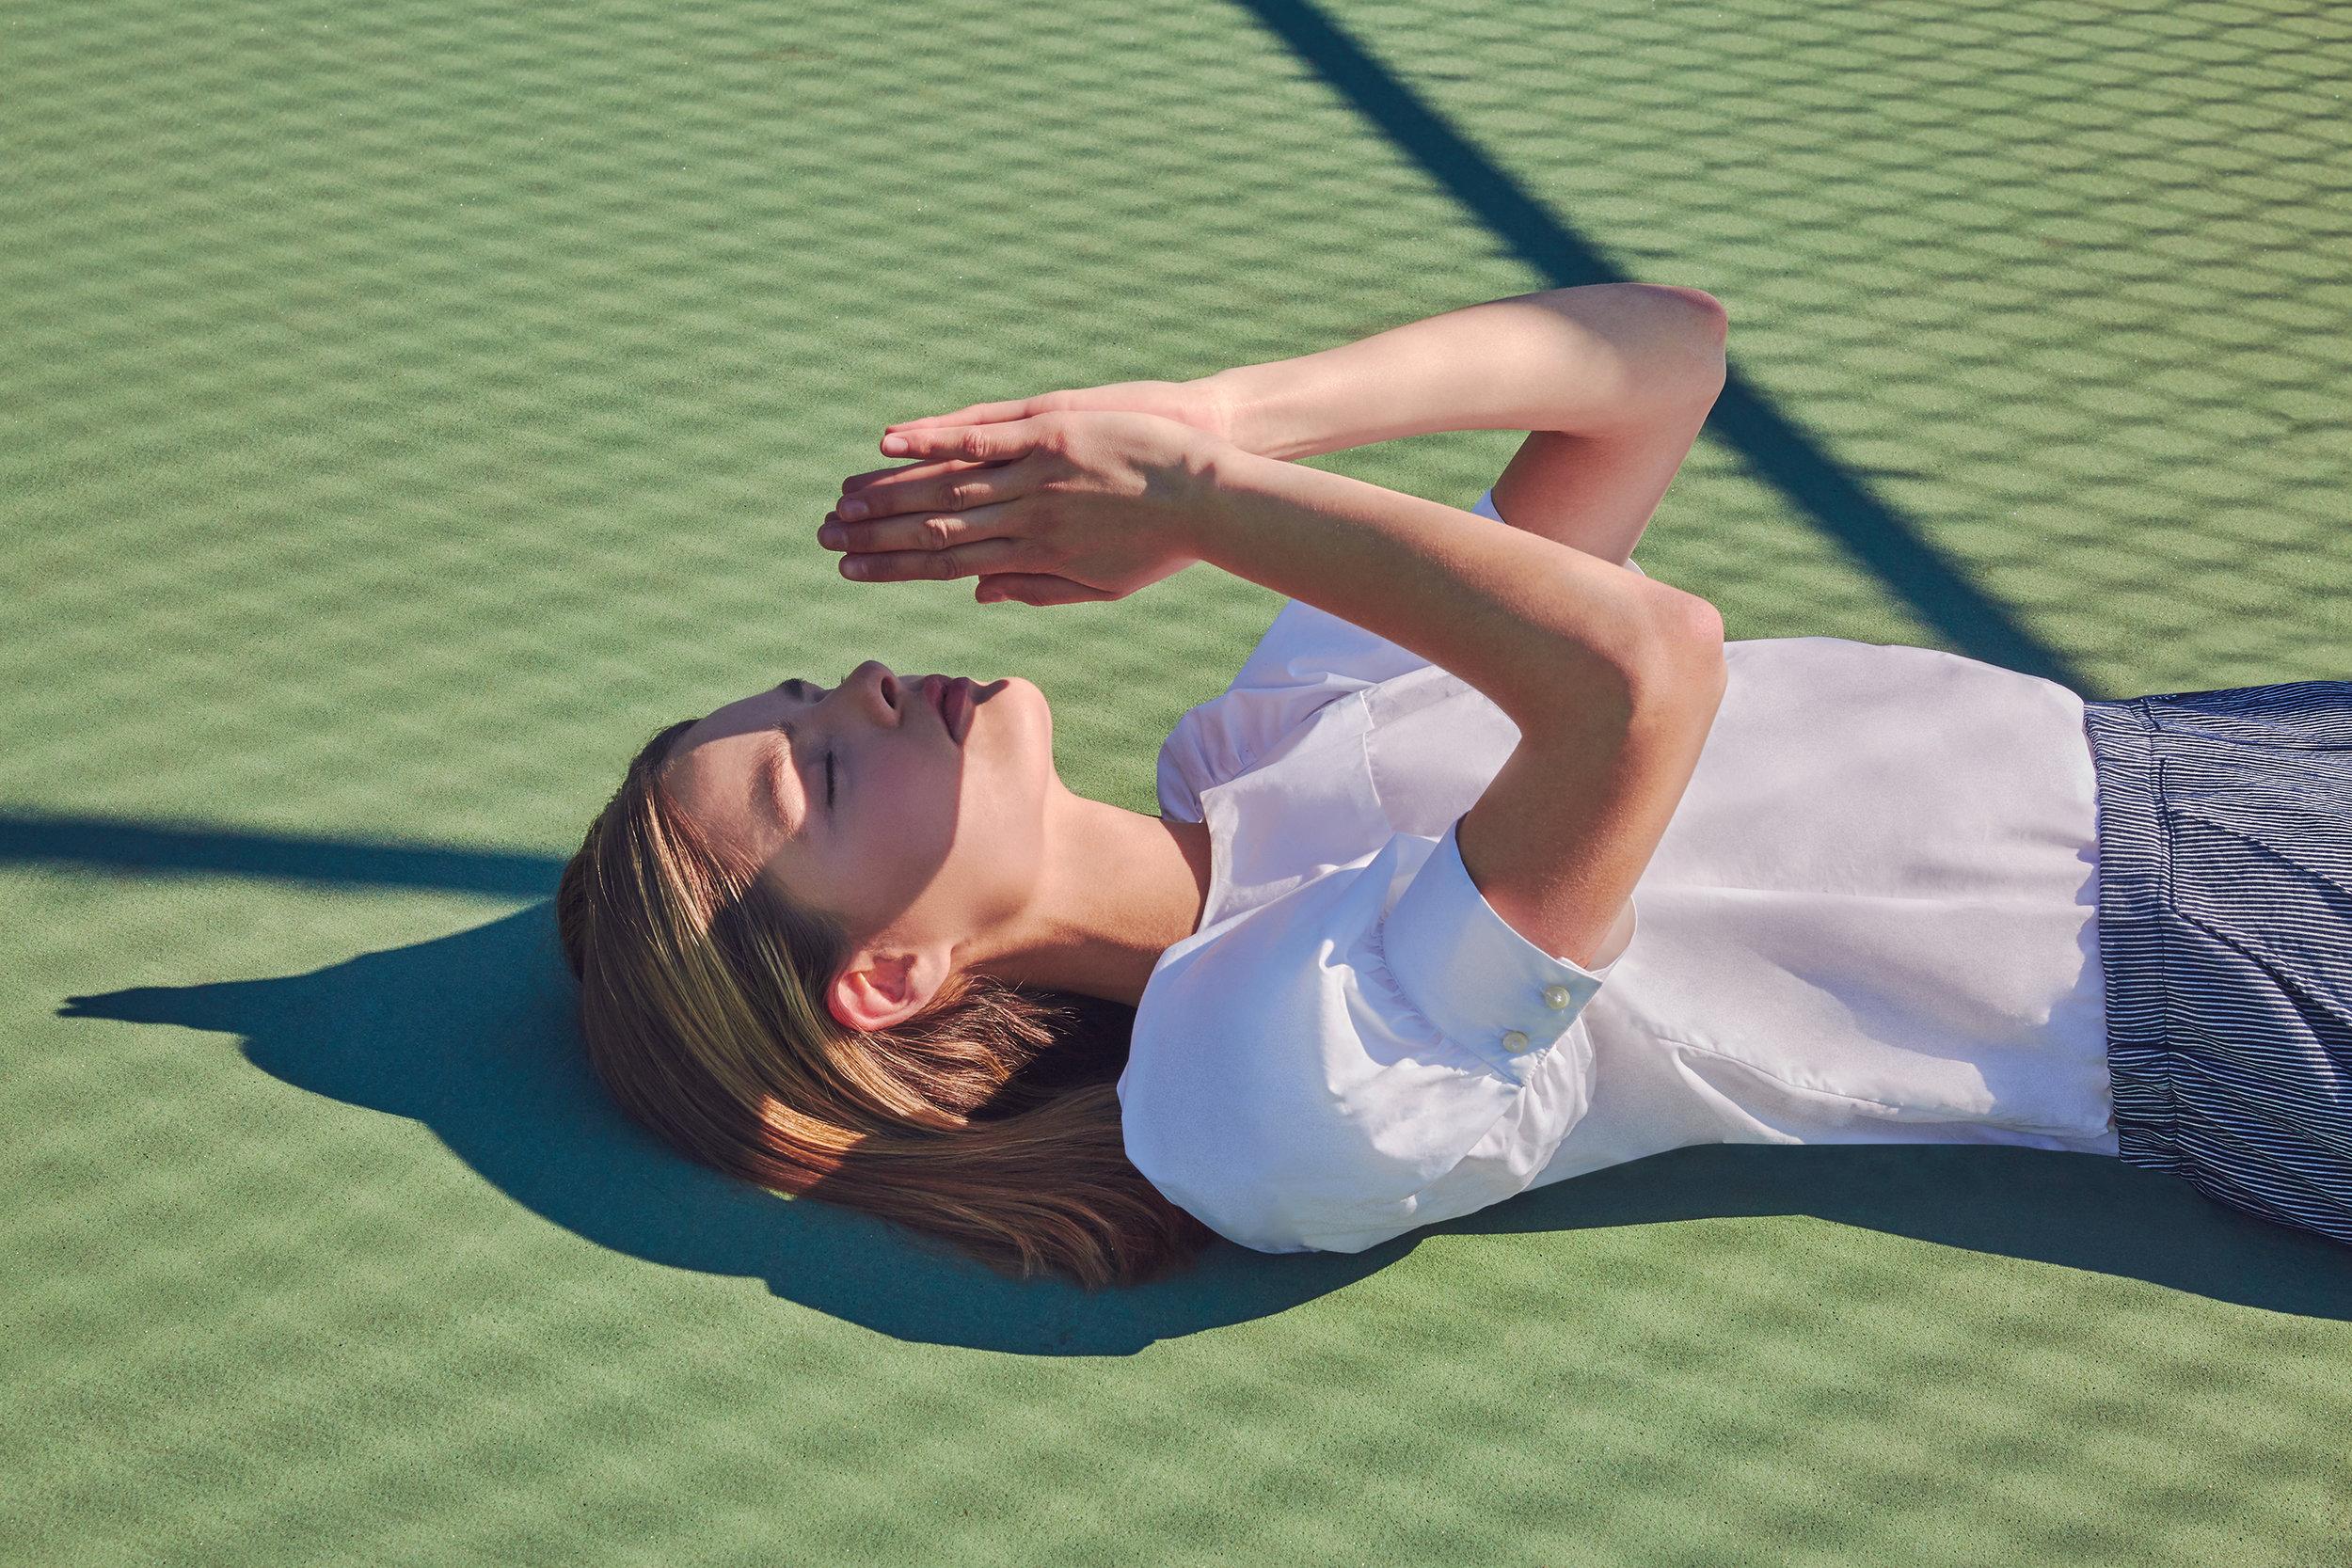 18_TennisCourtShoot_0320.jpg